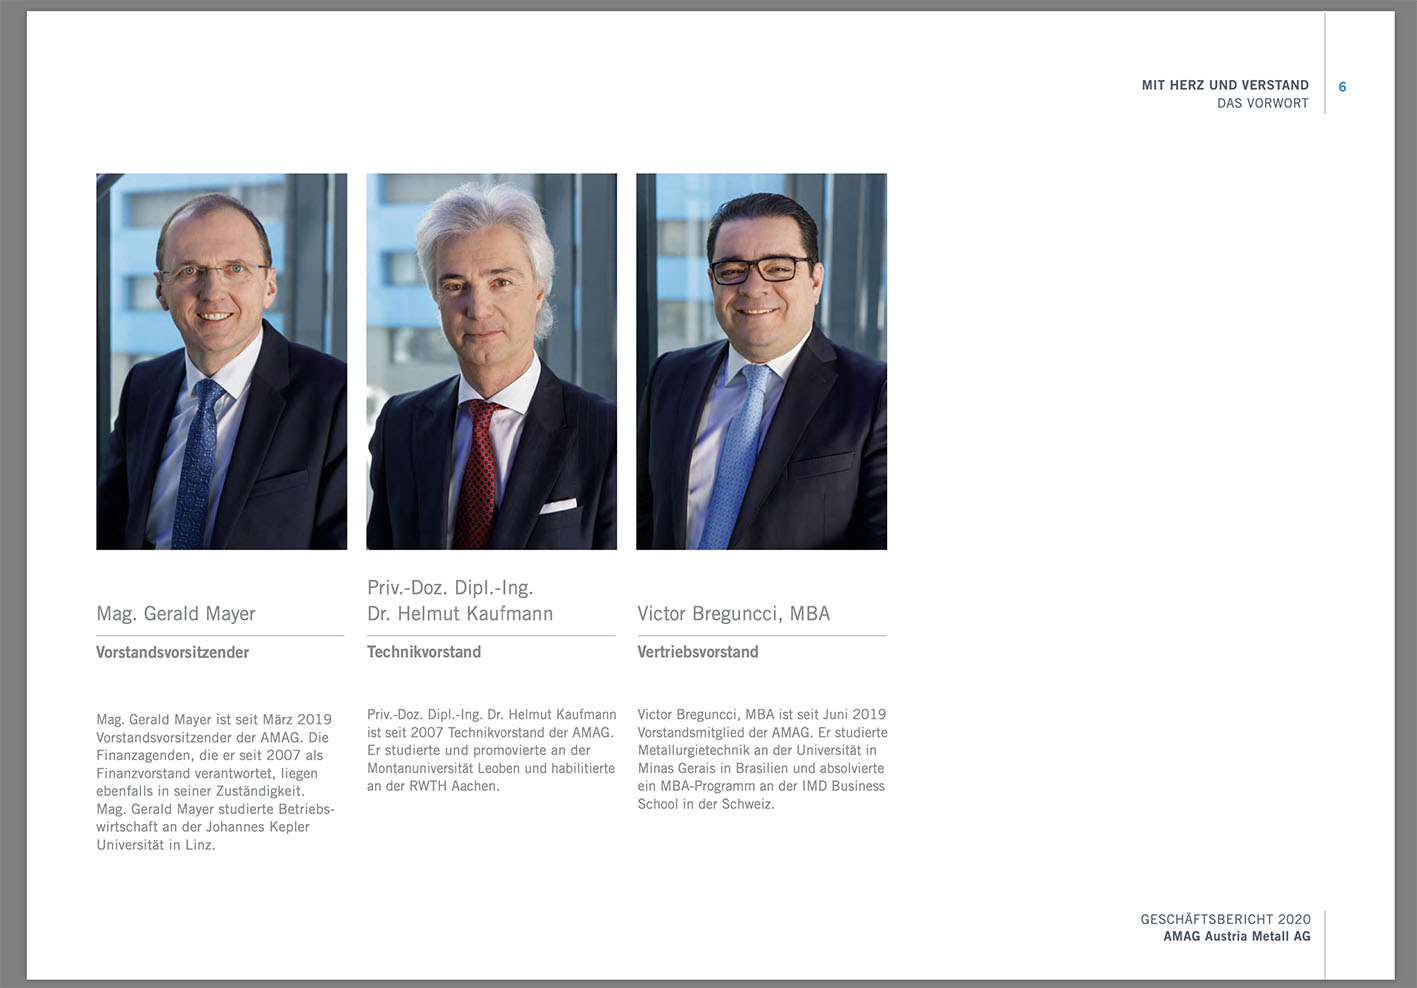 AMAG AG _ Geschäftsbericht